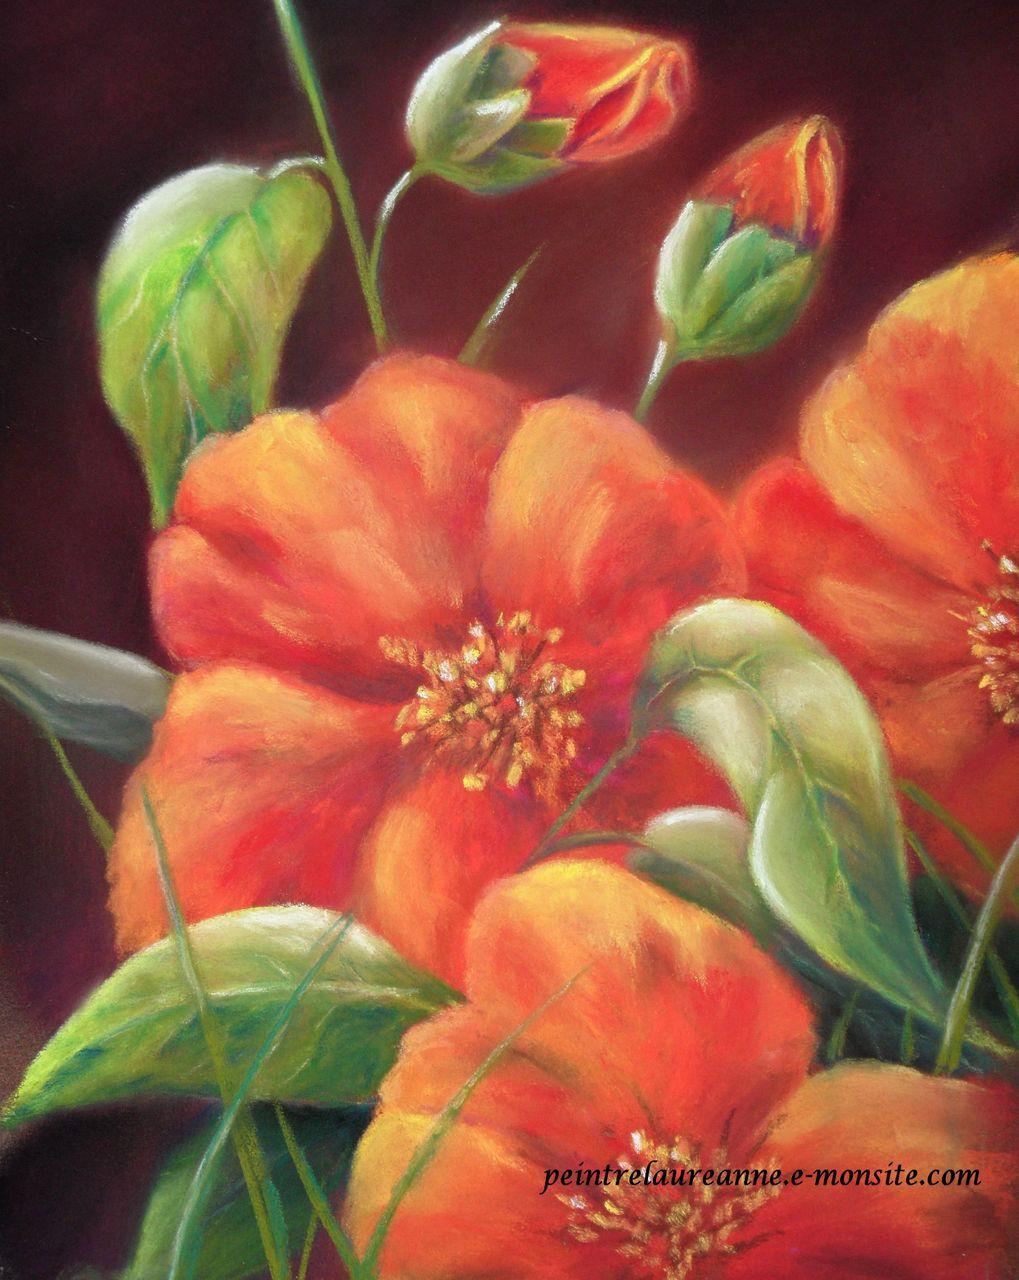 laure-anne barbier fleurs oranges